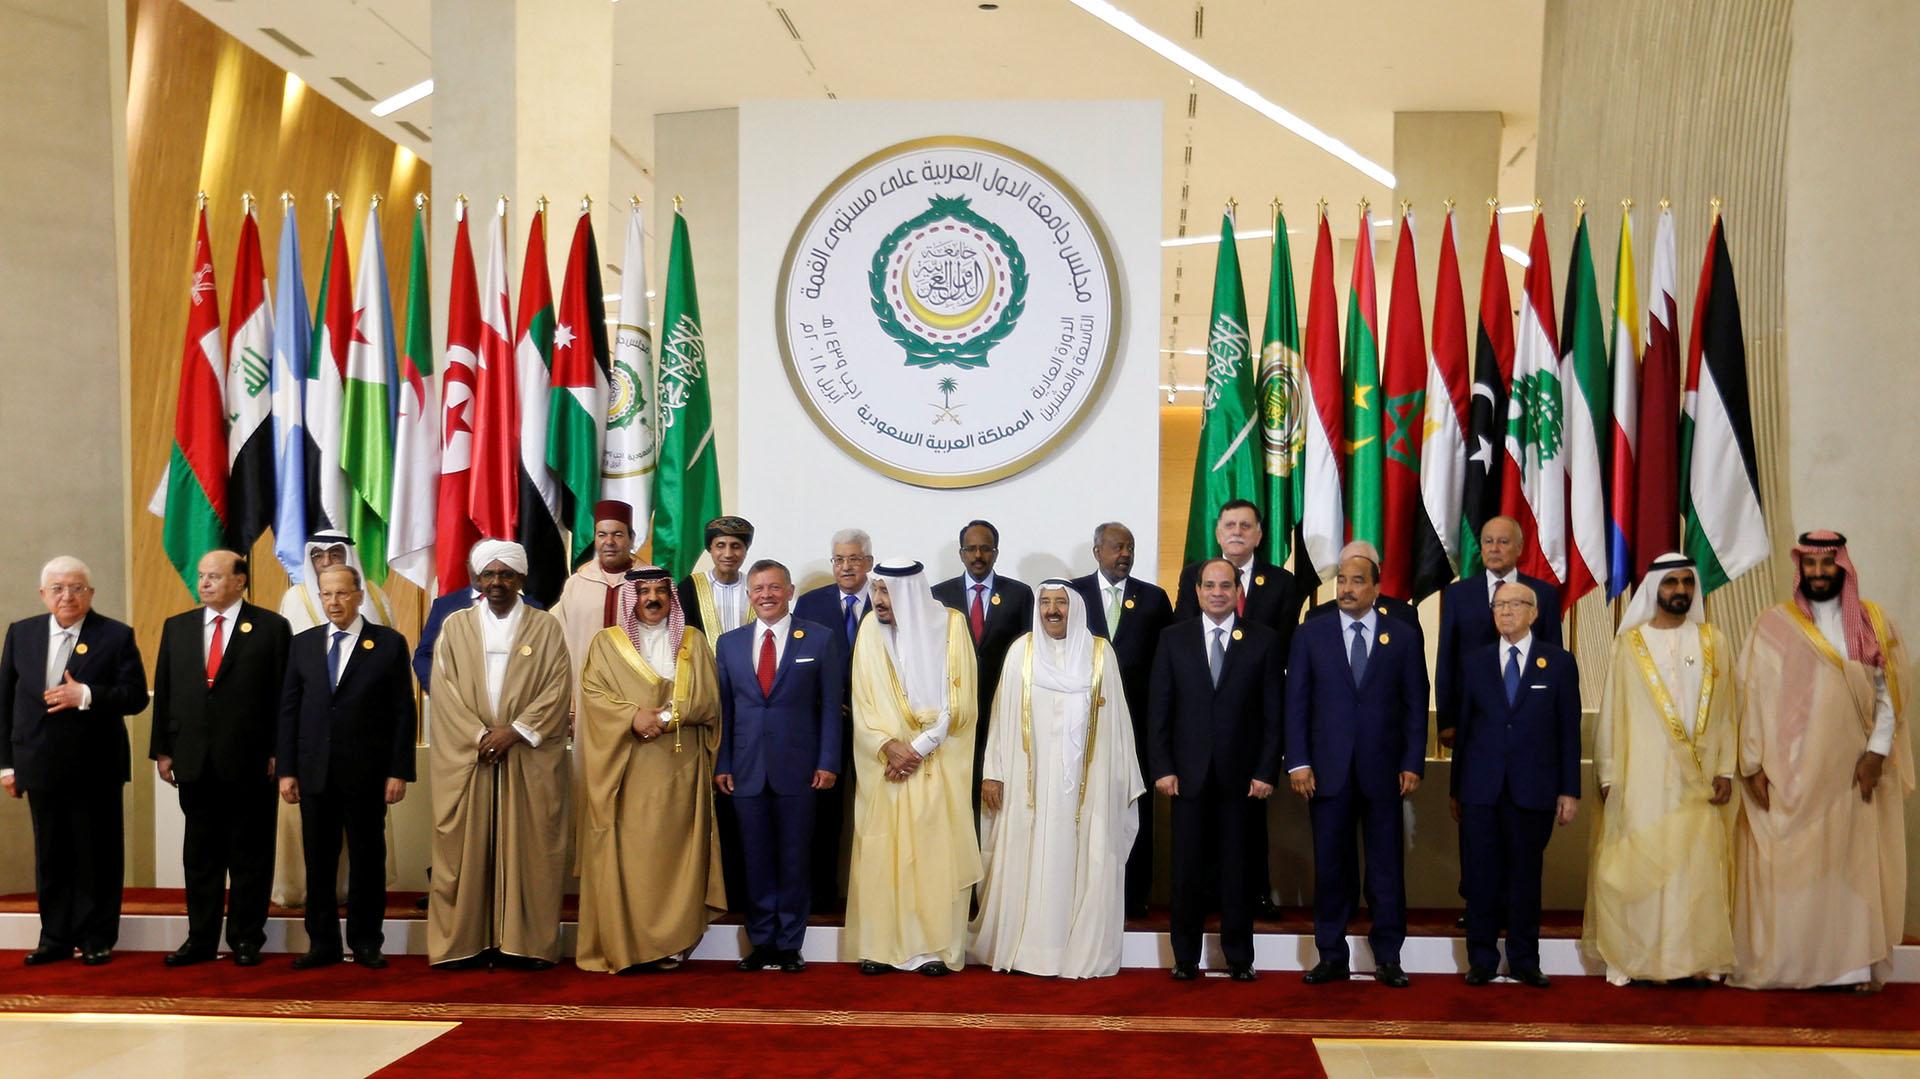 Los líderes árabes reunidos (Reuters)